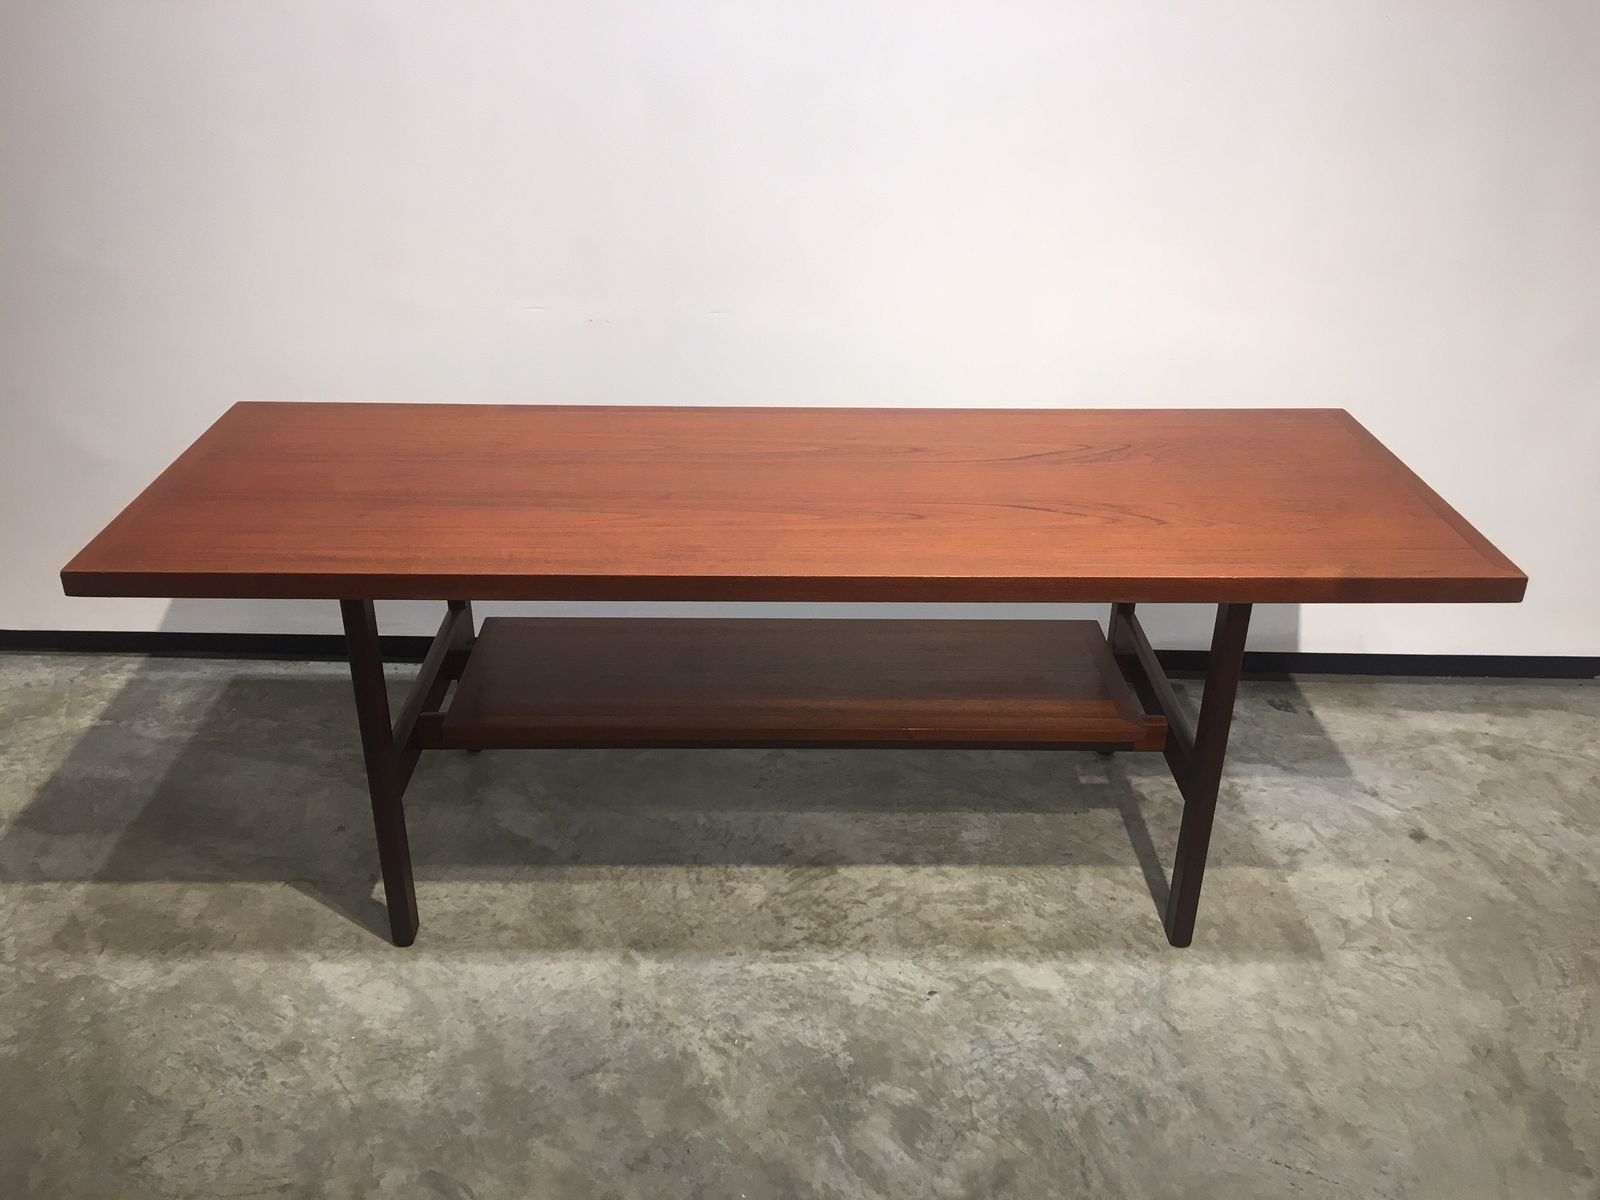 d nischer couchtisch mit teak ablage 1960er bei pamono kaufen. Black Bedroom Furniture Sets. Home Design Ideas